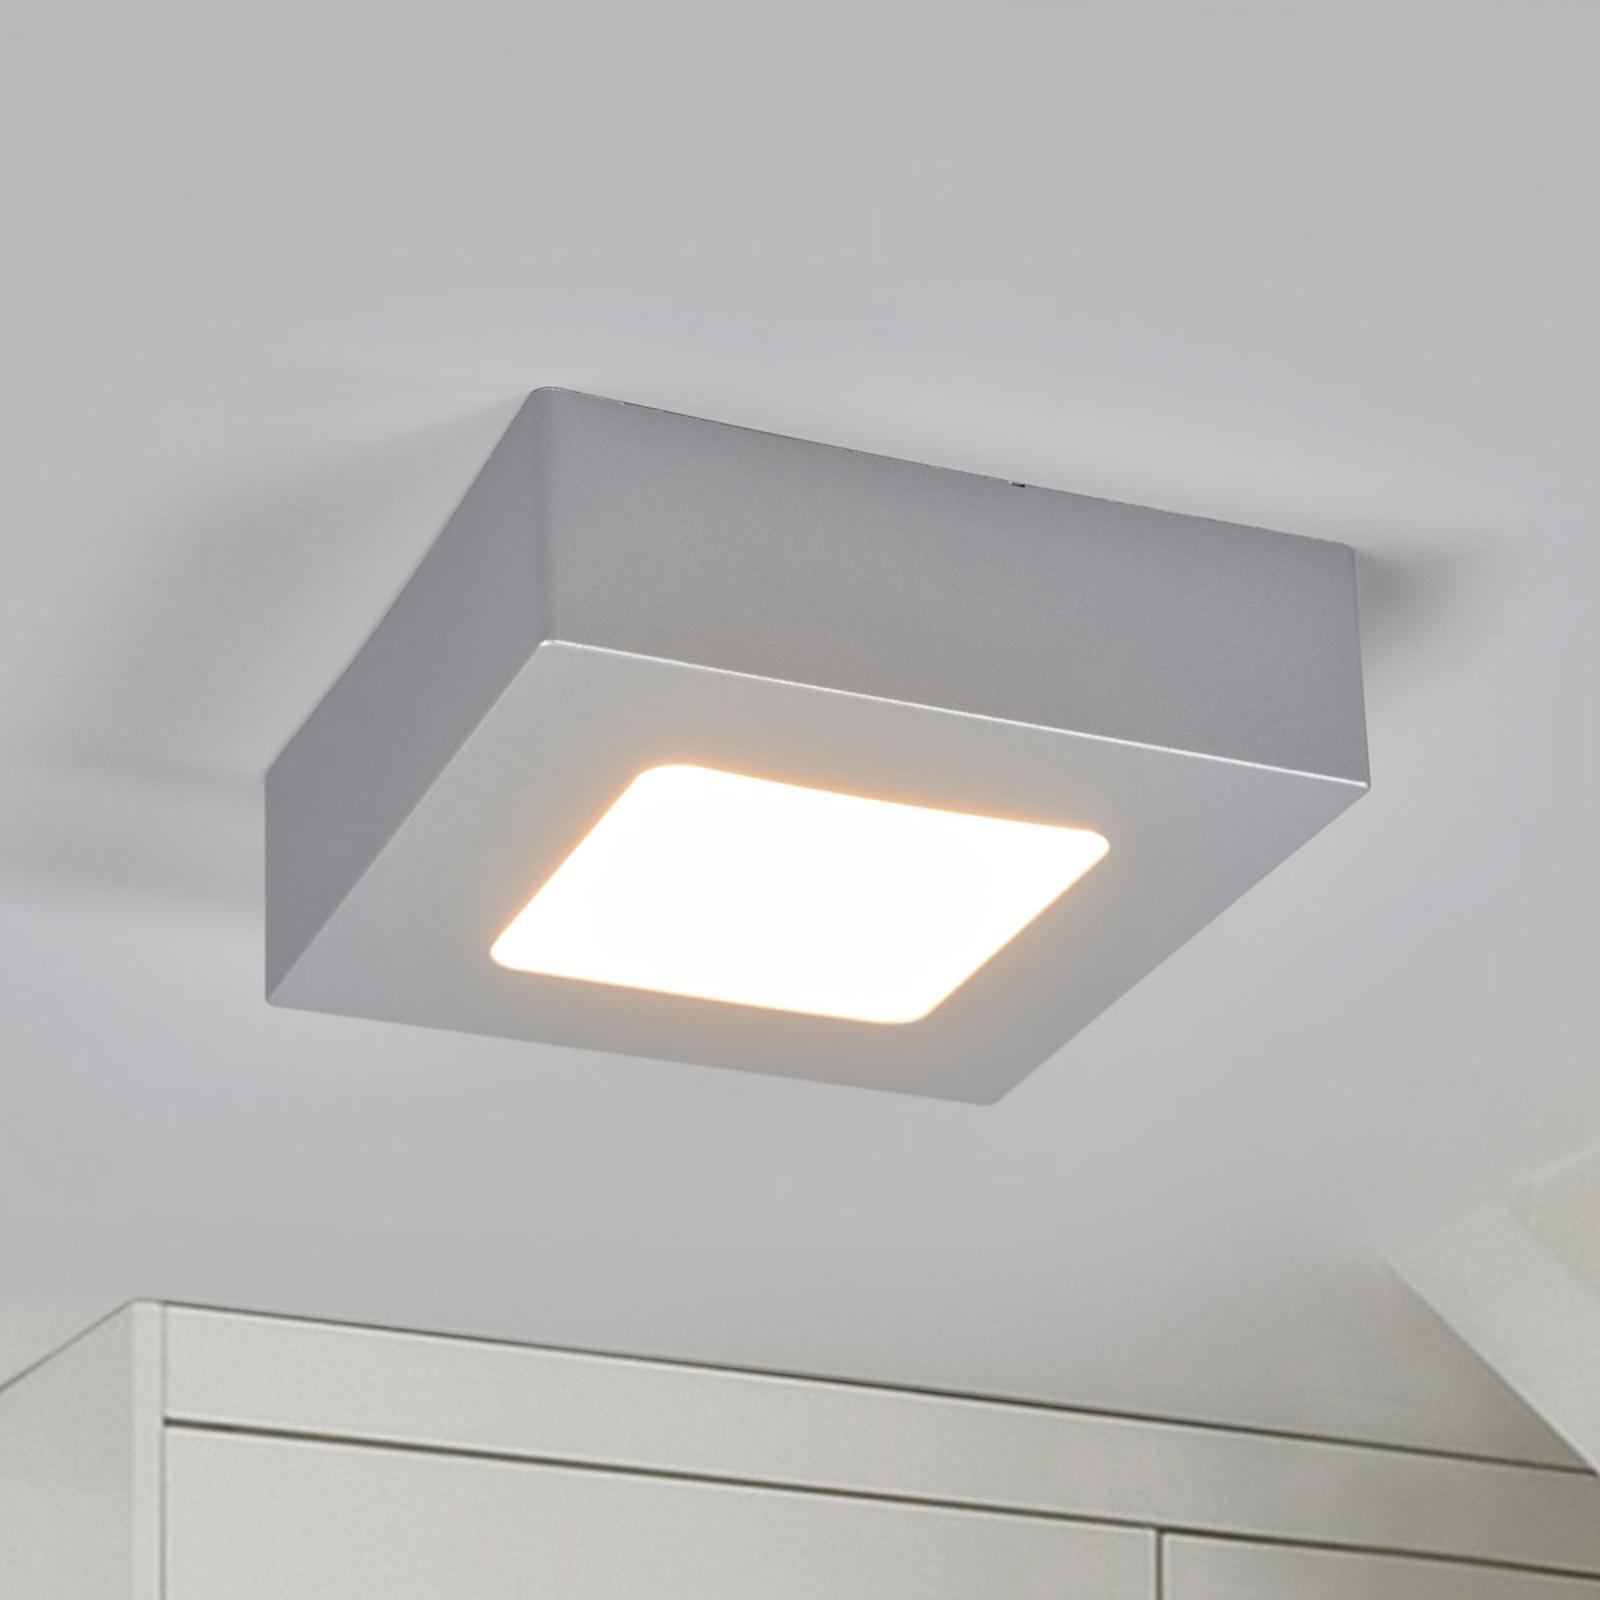 LED plafondlamp Marlo zilver 3000K hoekig 12,8cm